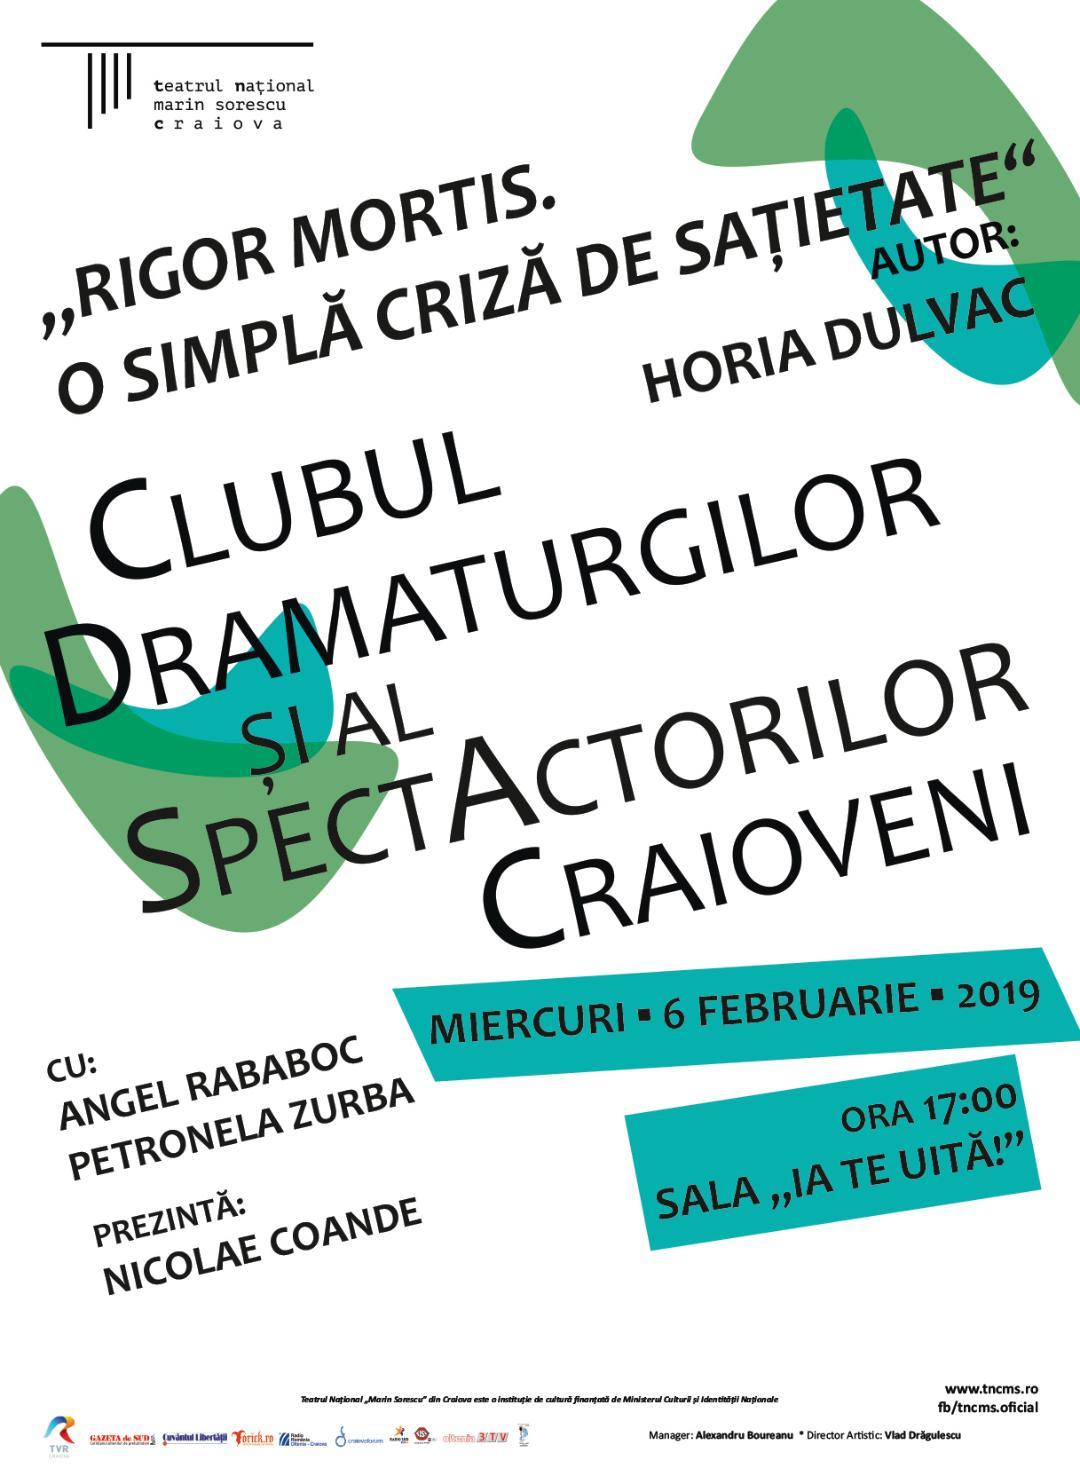 Prima întâlnire din 2019 la Clubul Dramaturgilor Craioveni